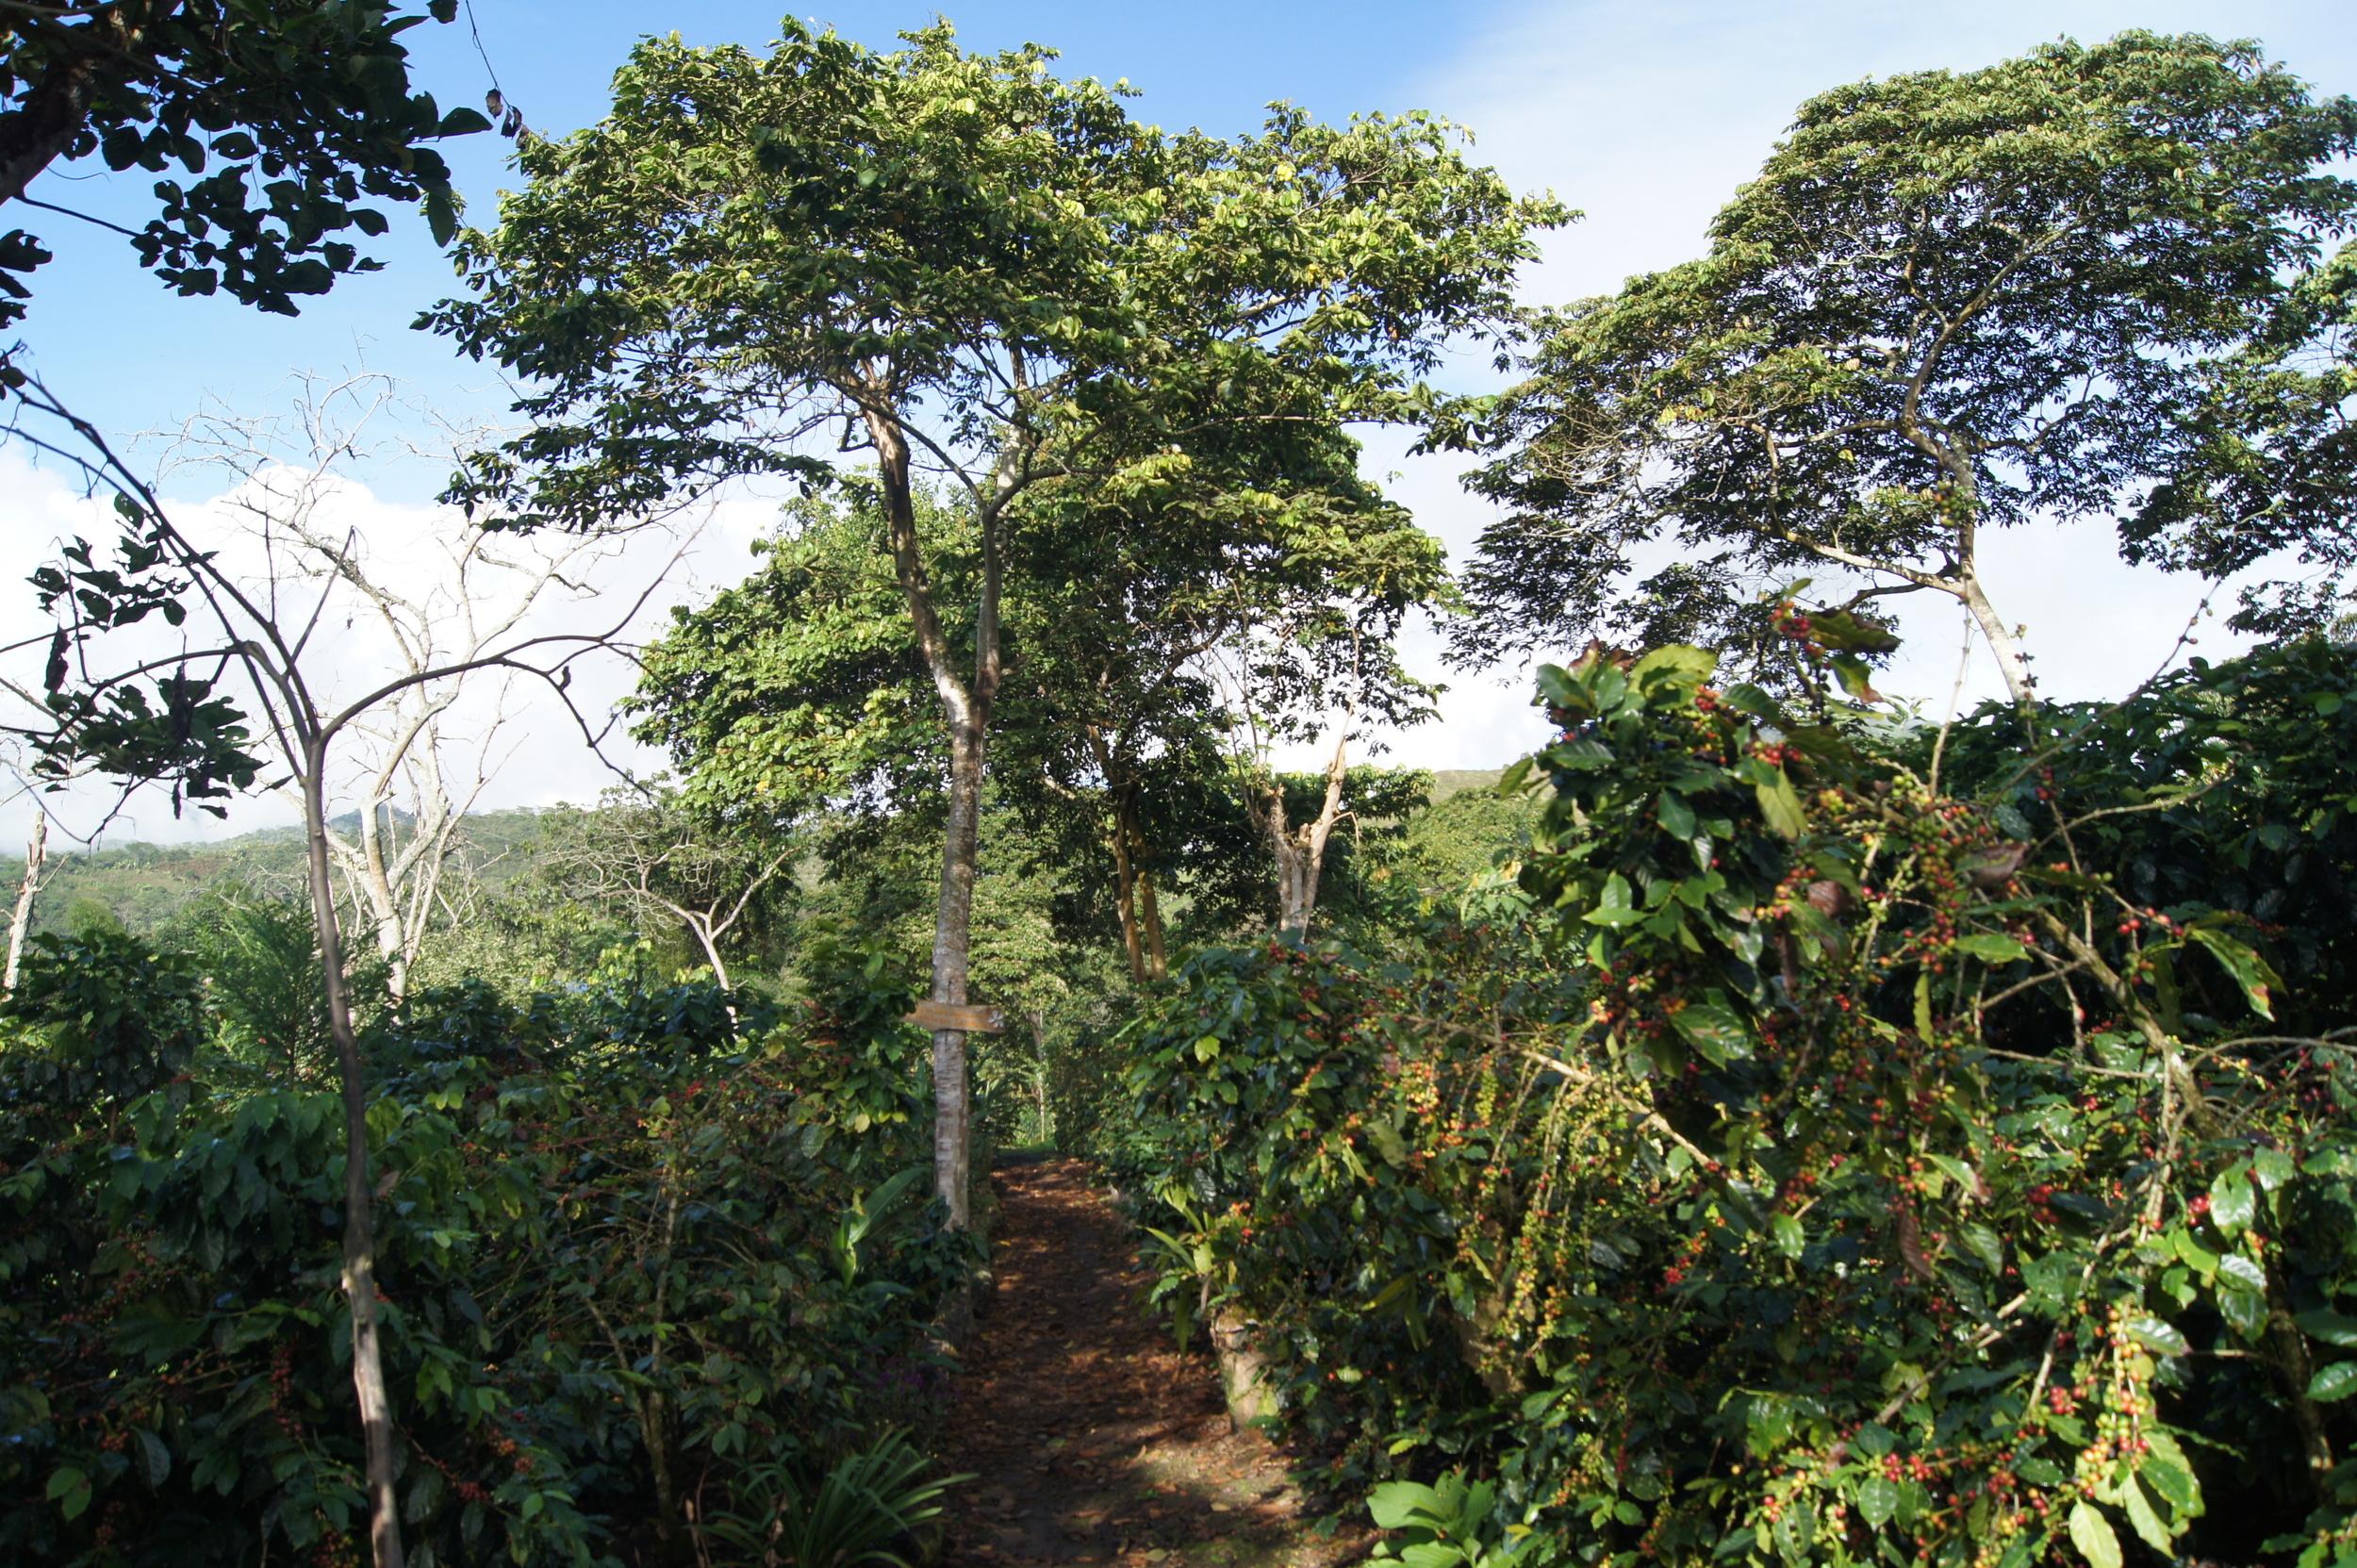 Sur la parcelle Los Pinos, on aperçoit ici des Gran Colombia cultivés sous ombrage